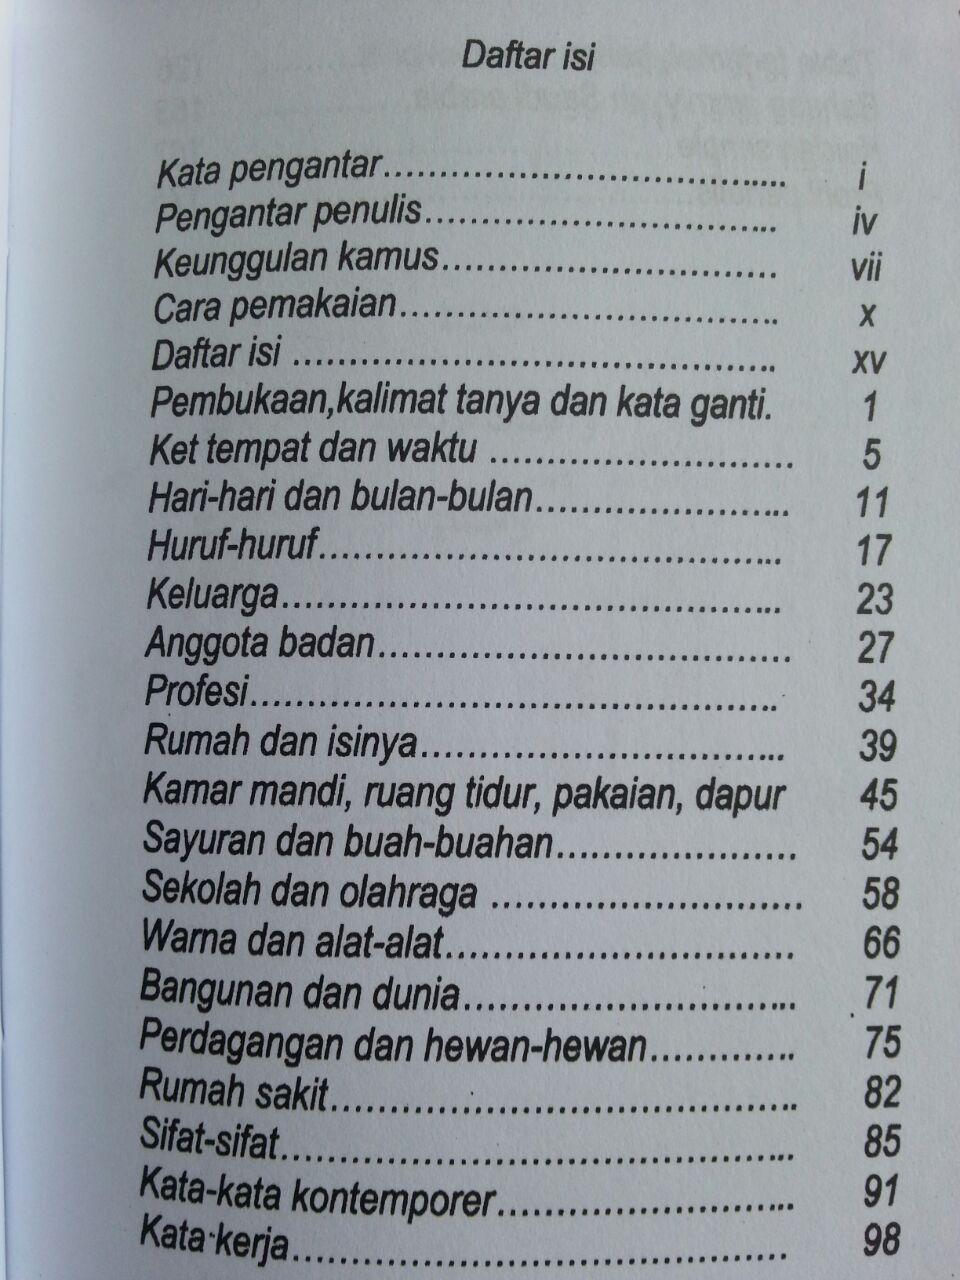 Buku Kamus Alfiyyah 1050 Kosakata Arab Yang Sering Digunakan isi